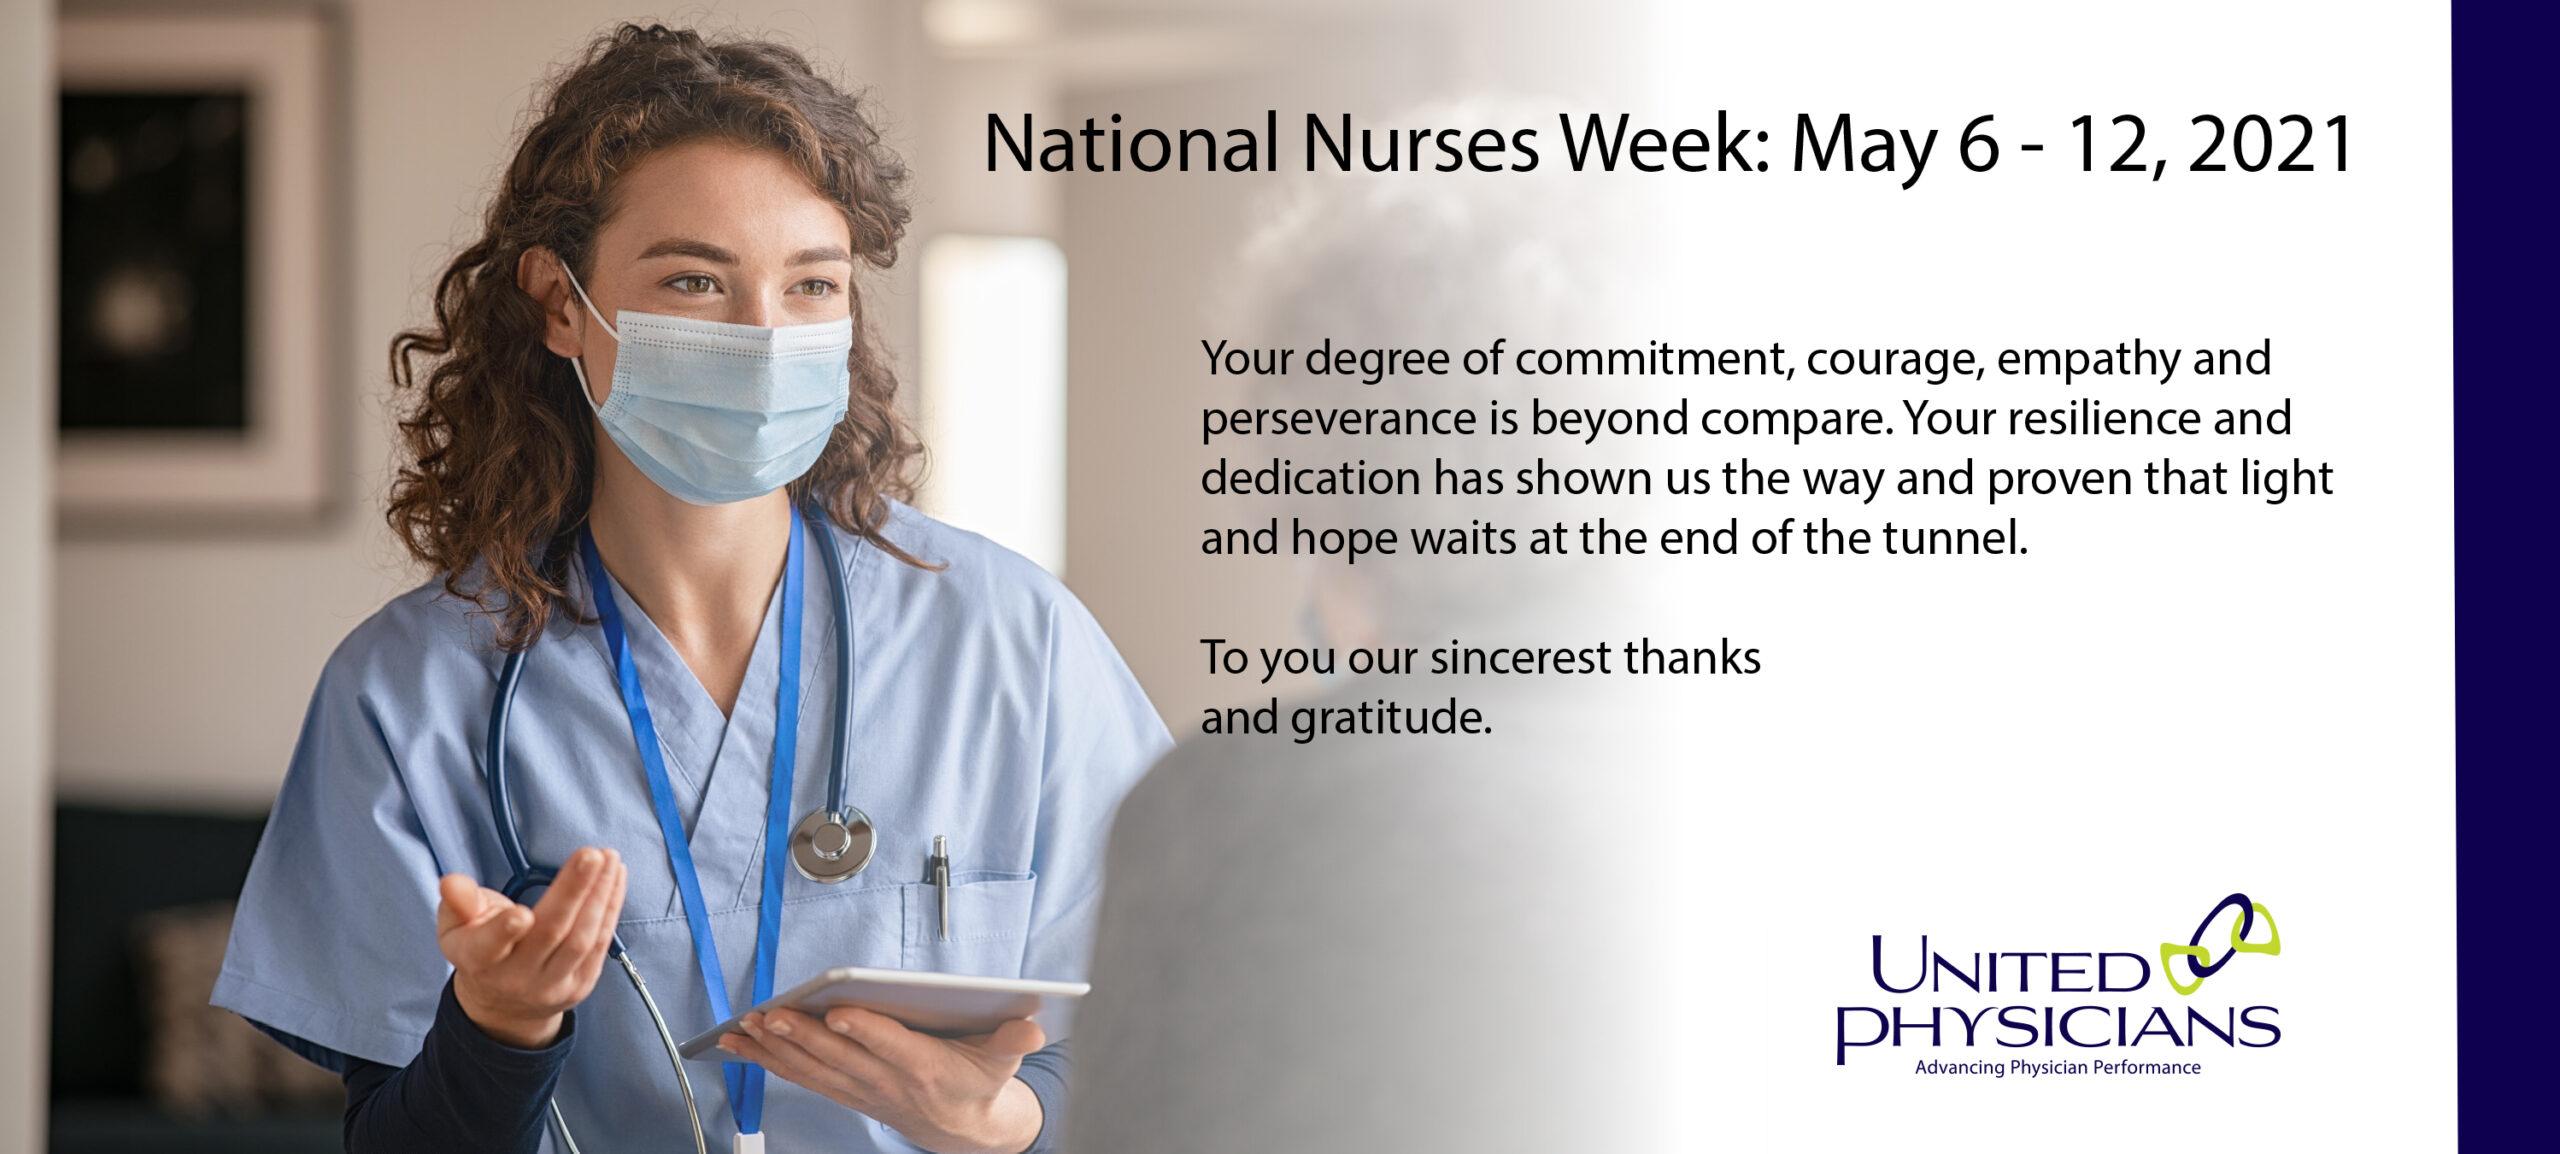 Nurses Week 5 6 2021